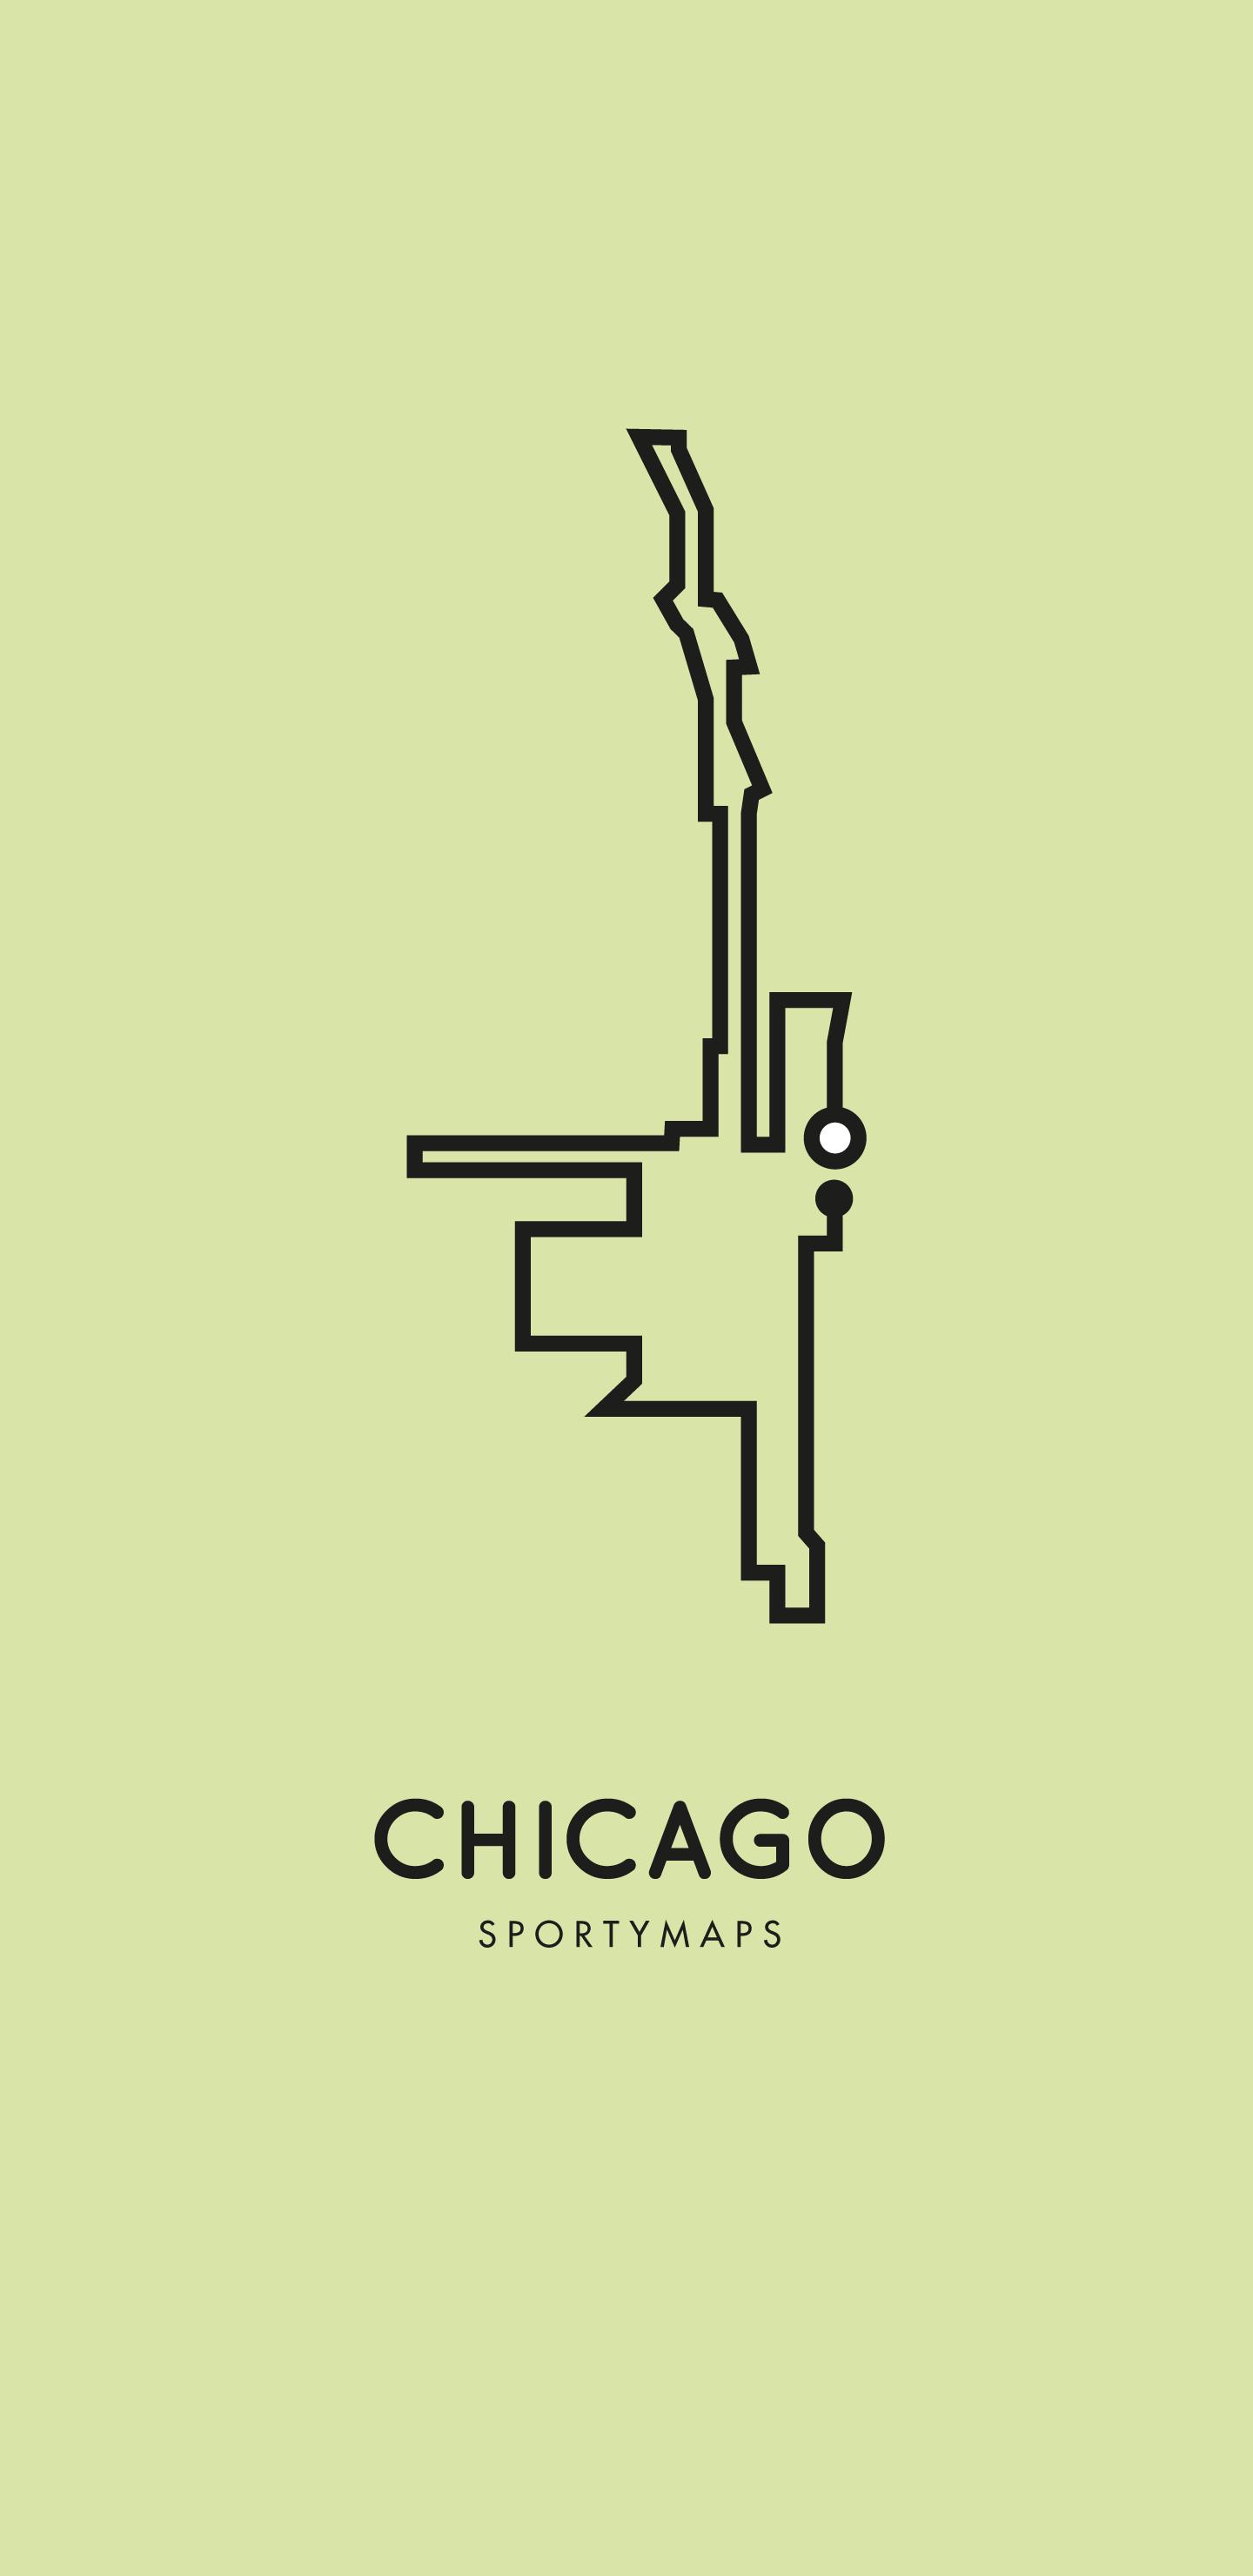 Sportymaps-Chicago-marathon-green